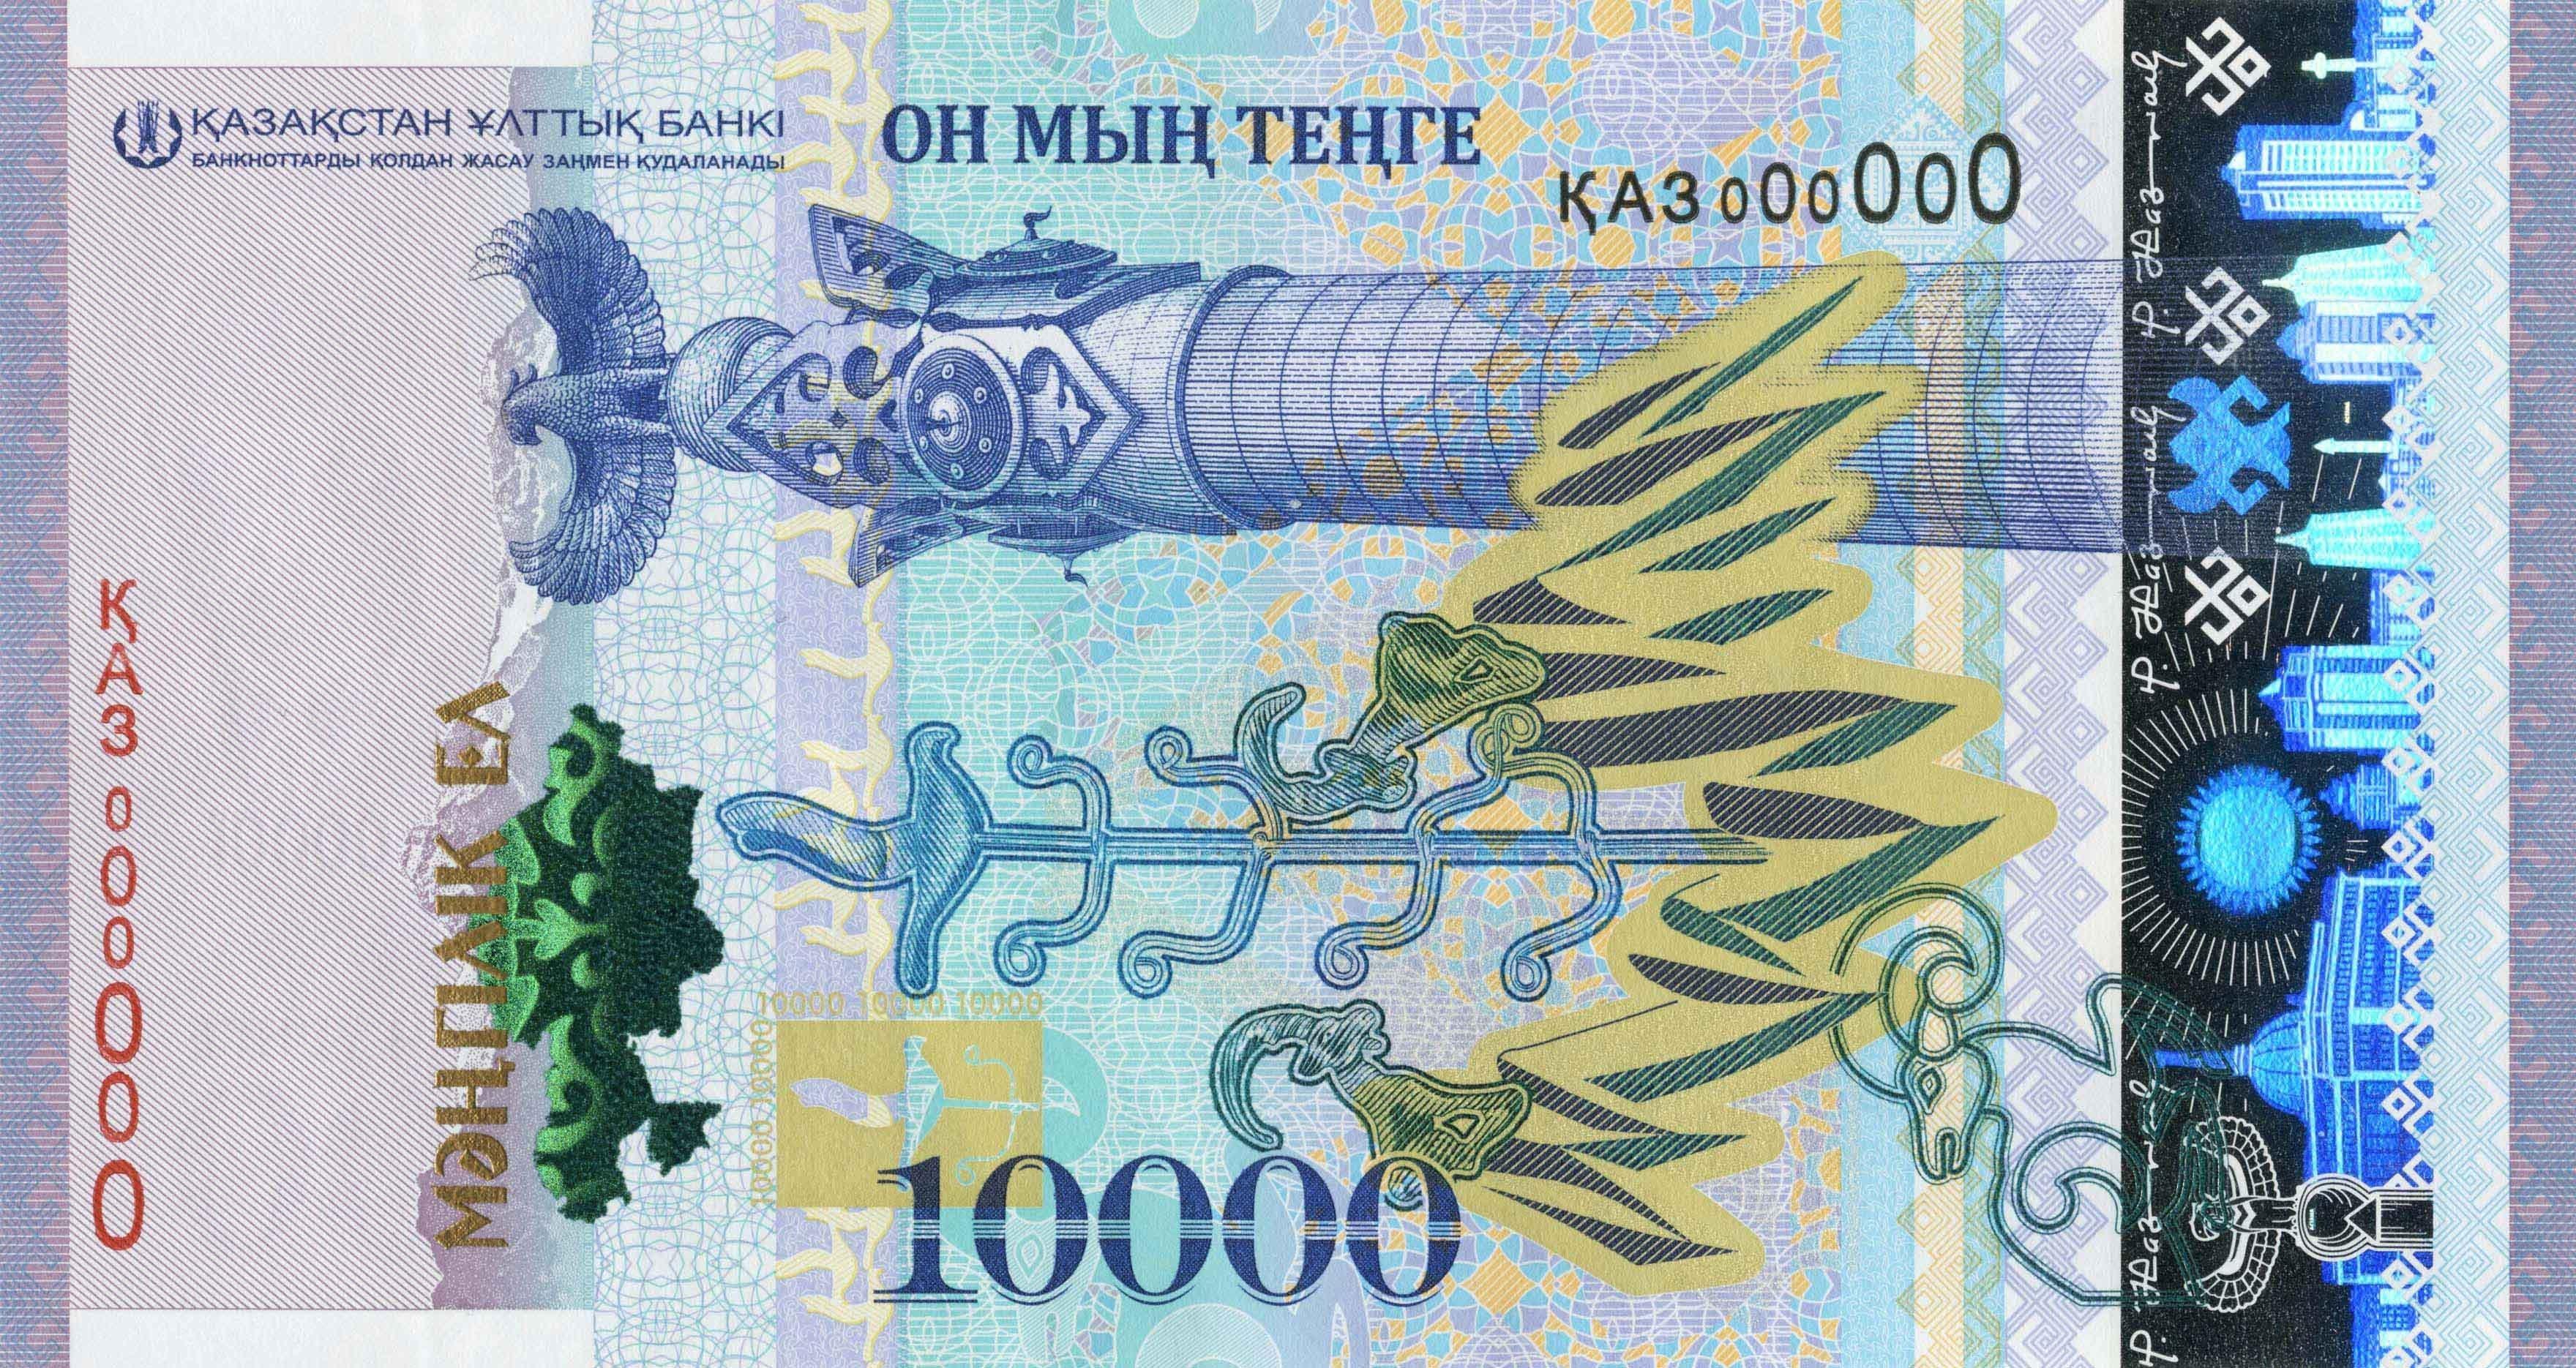 Лицевая сторона юбилейной банкноты номиналом 10 тысяч тенге с изображением Назарбаева